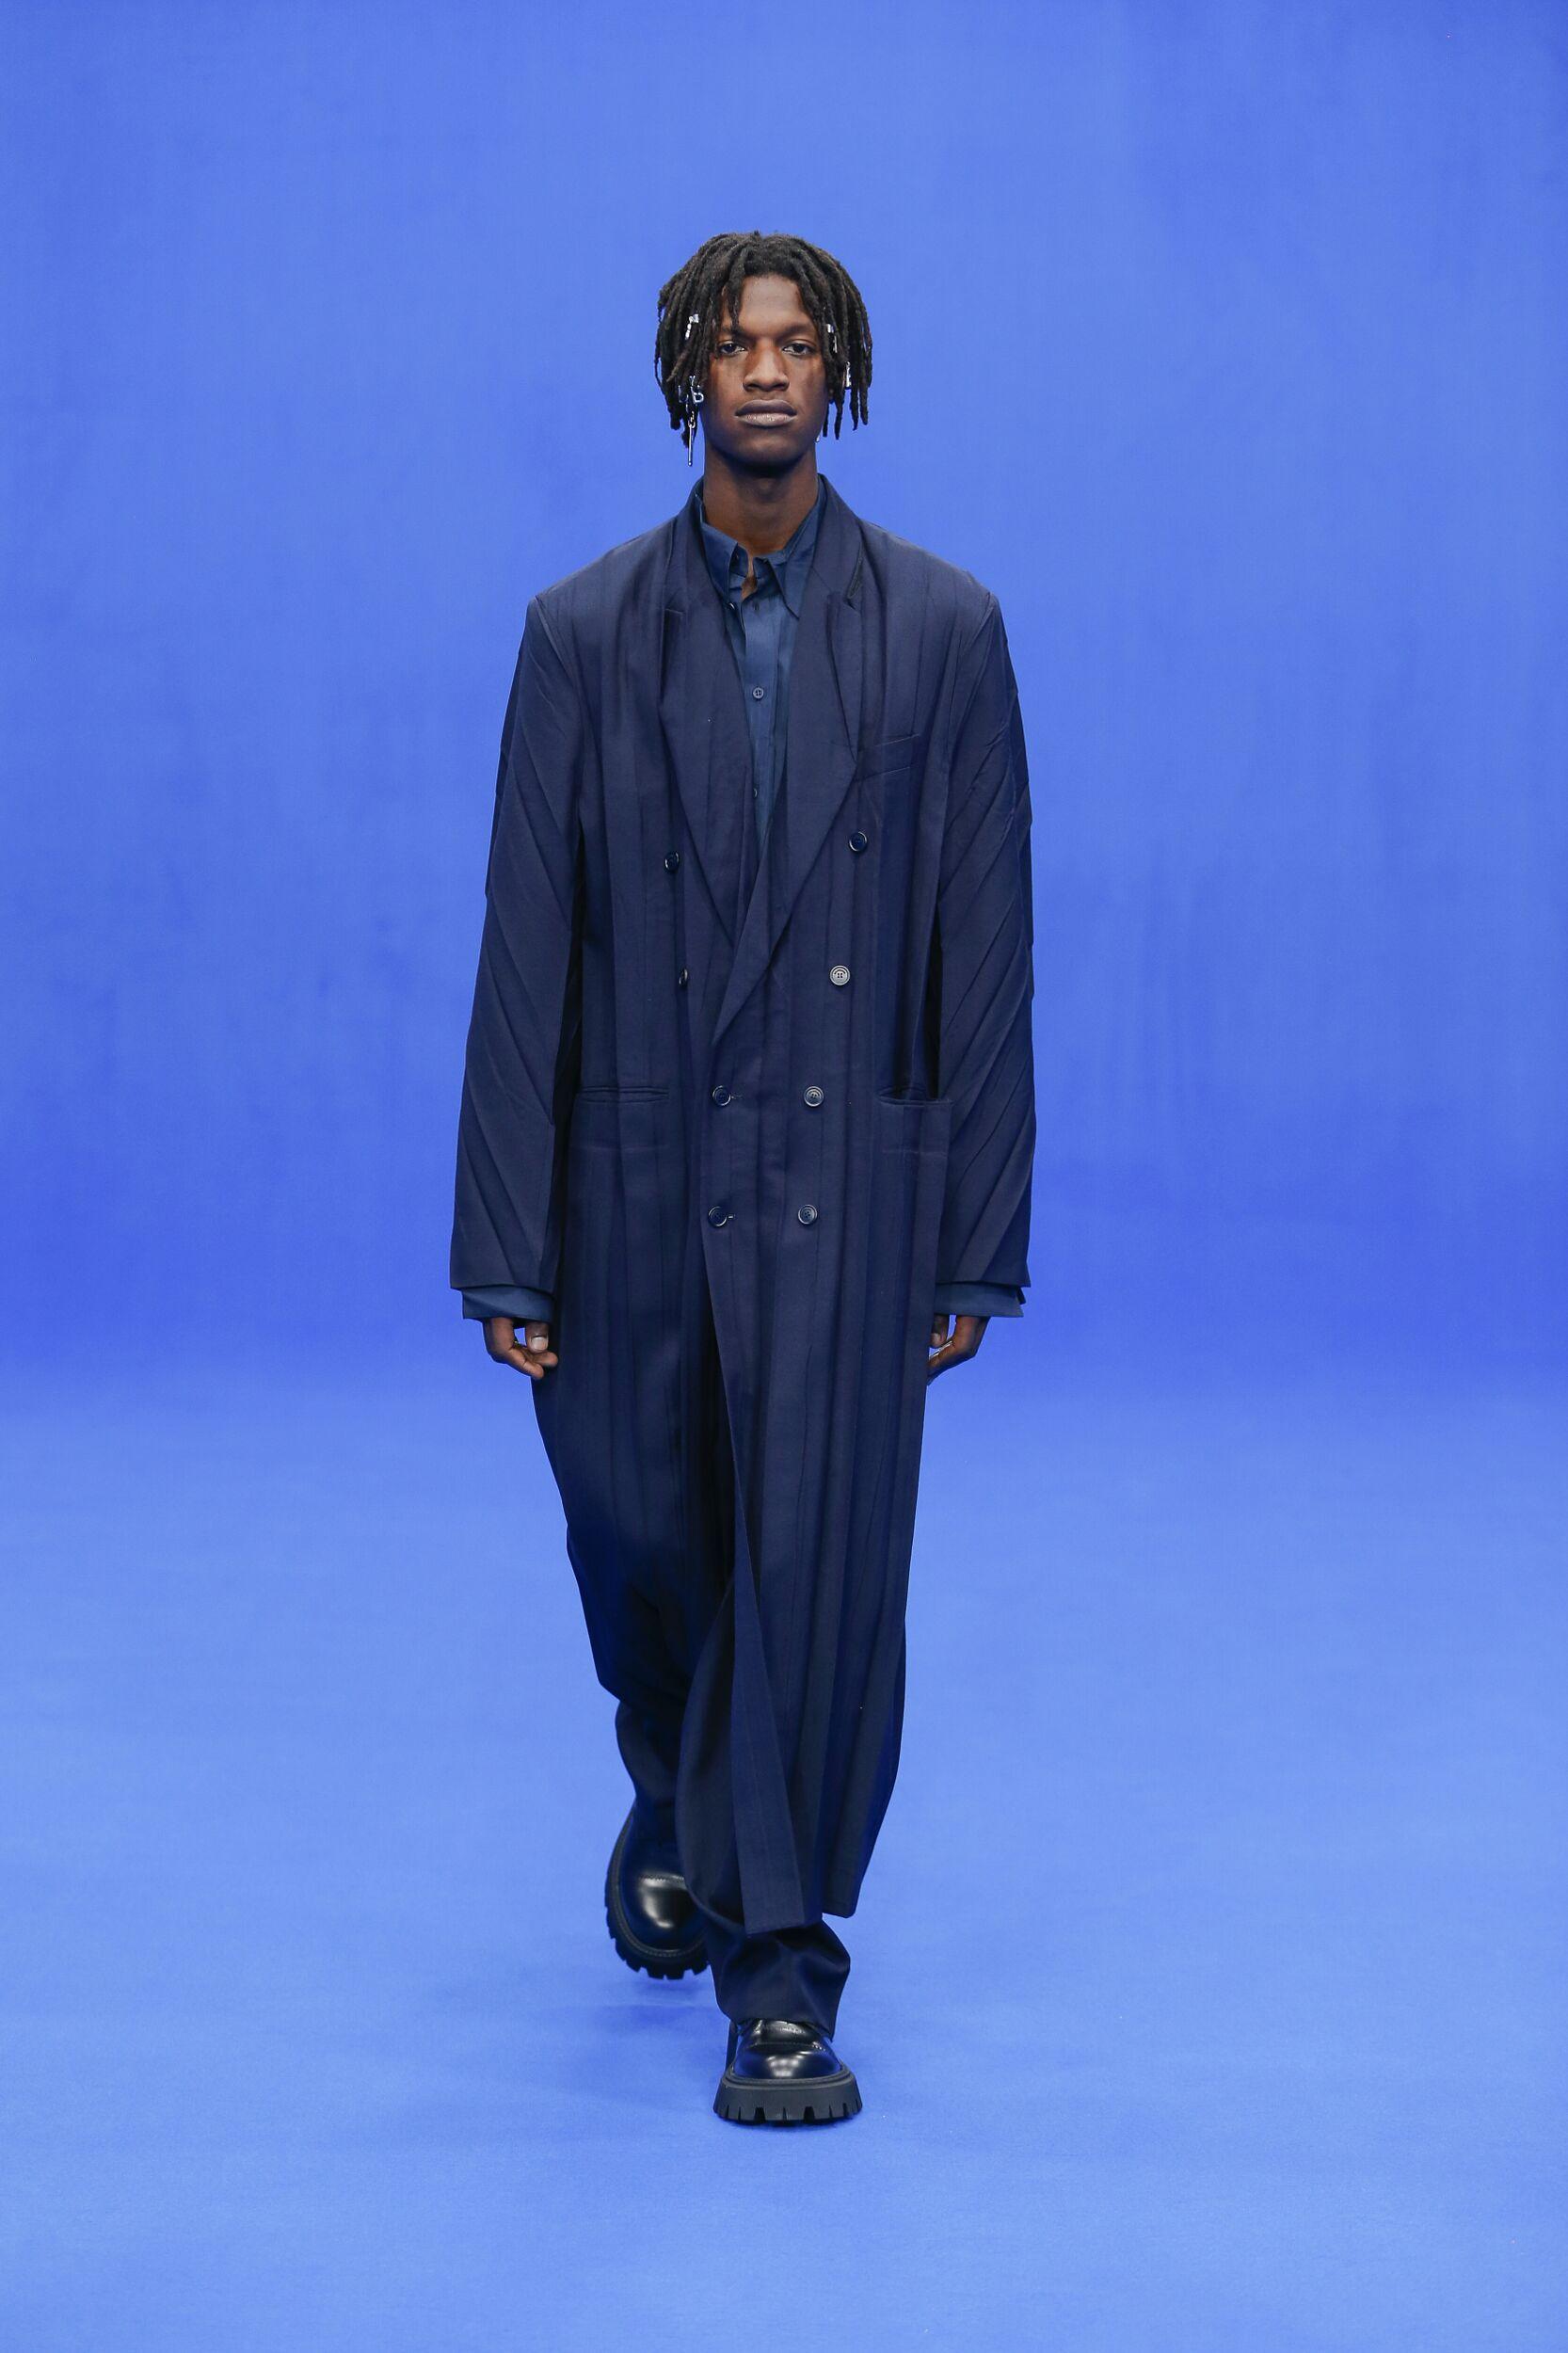 Catwalk Balenciaga Man Fashion Show Summer 2020